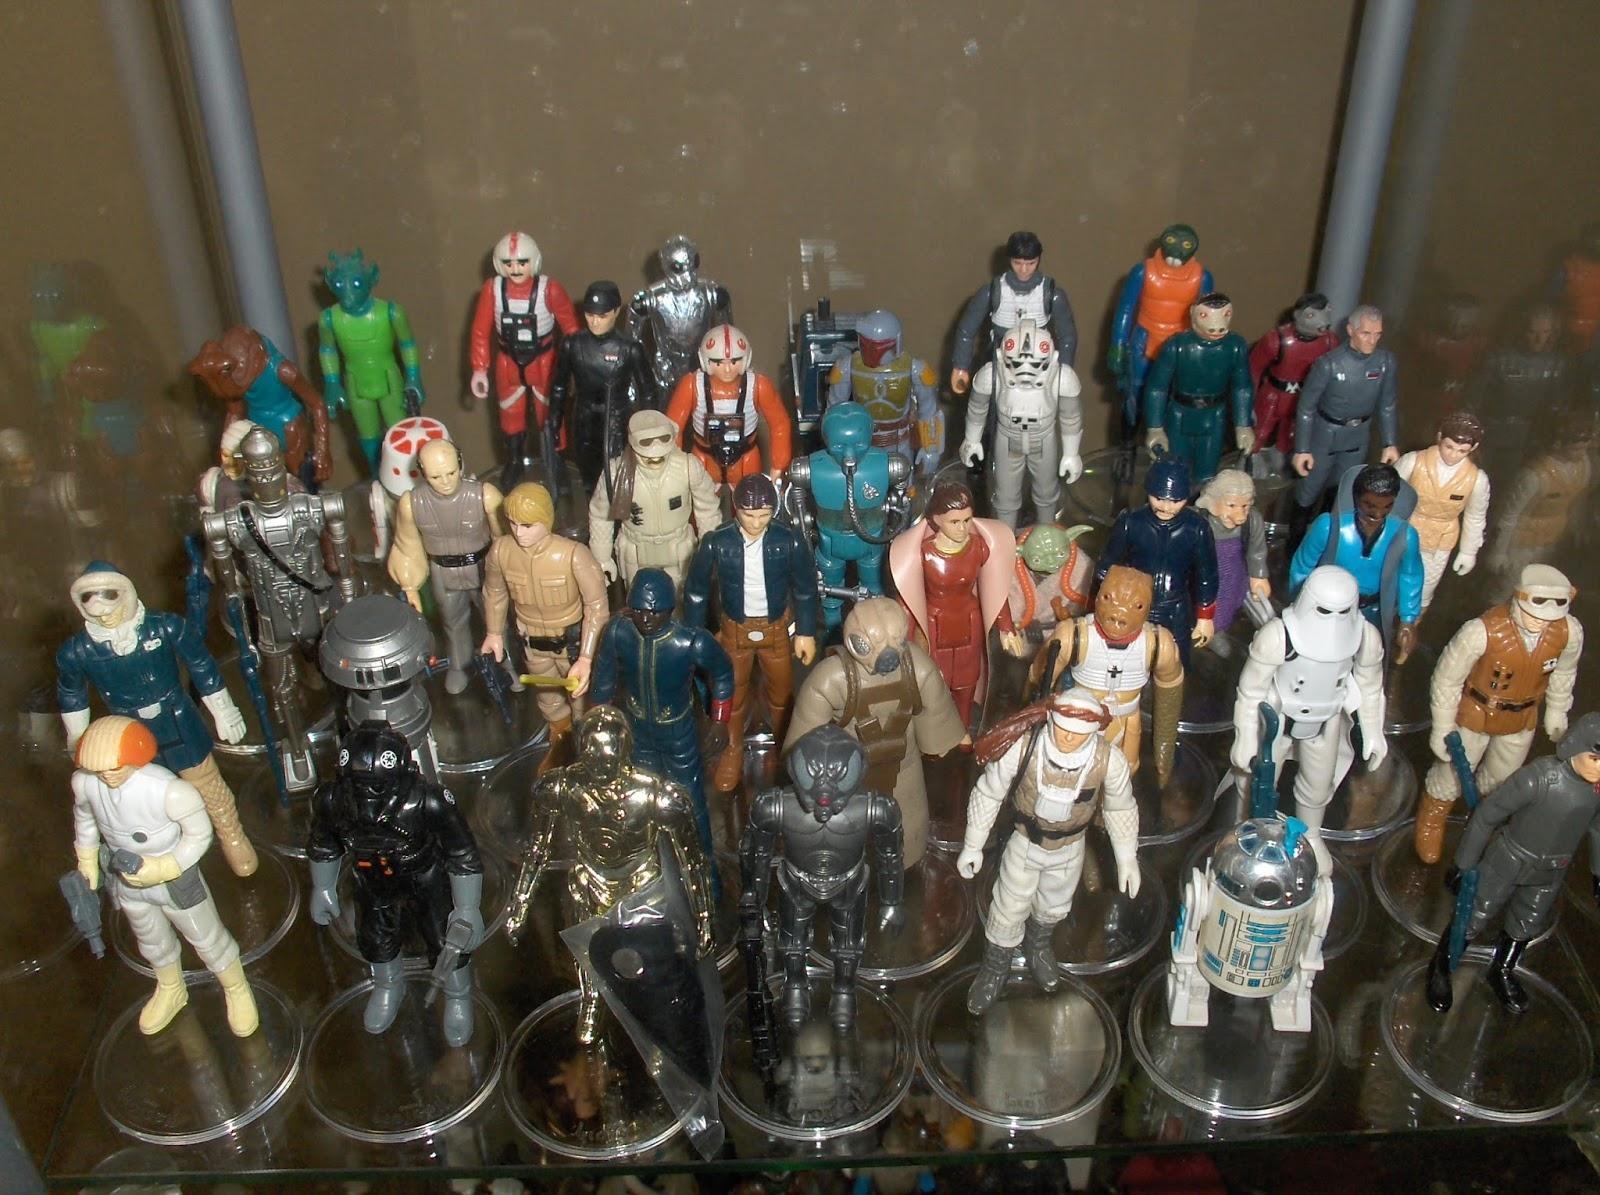 Vintage Kenner Star Wars Toys Vintage Figure Collection